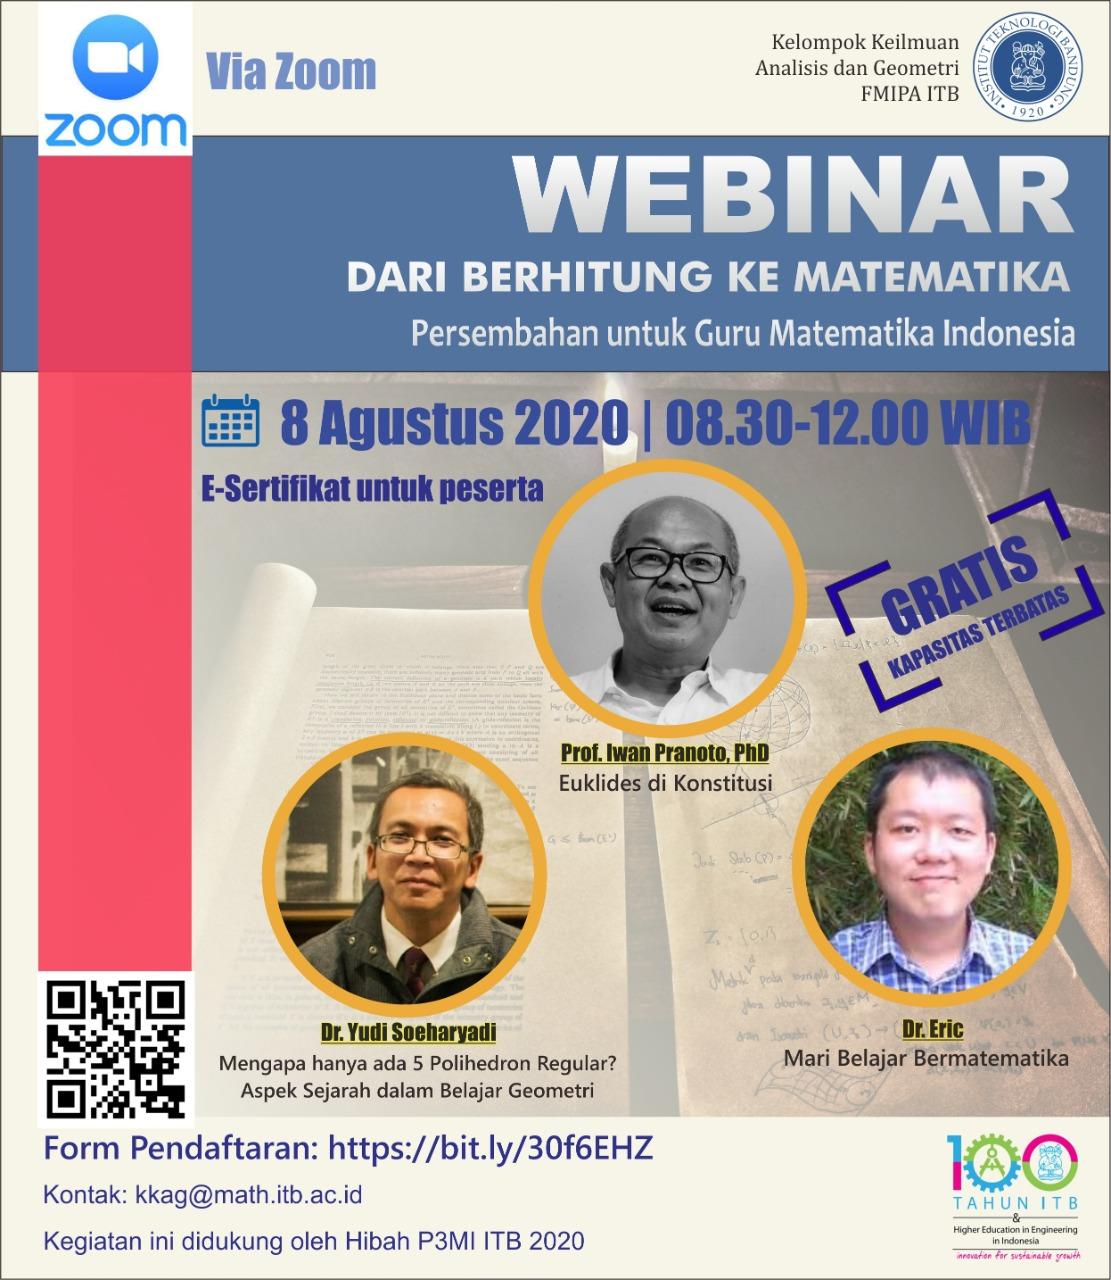 Webinar Dari Berhitung ke Matematika, Persembahan untuk Guru Matematika Indonesia